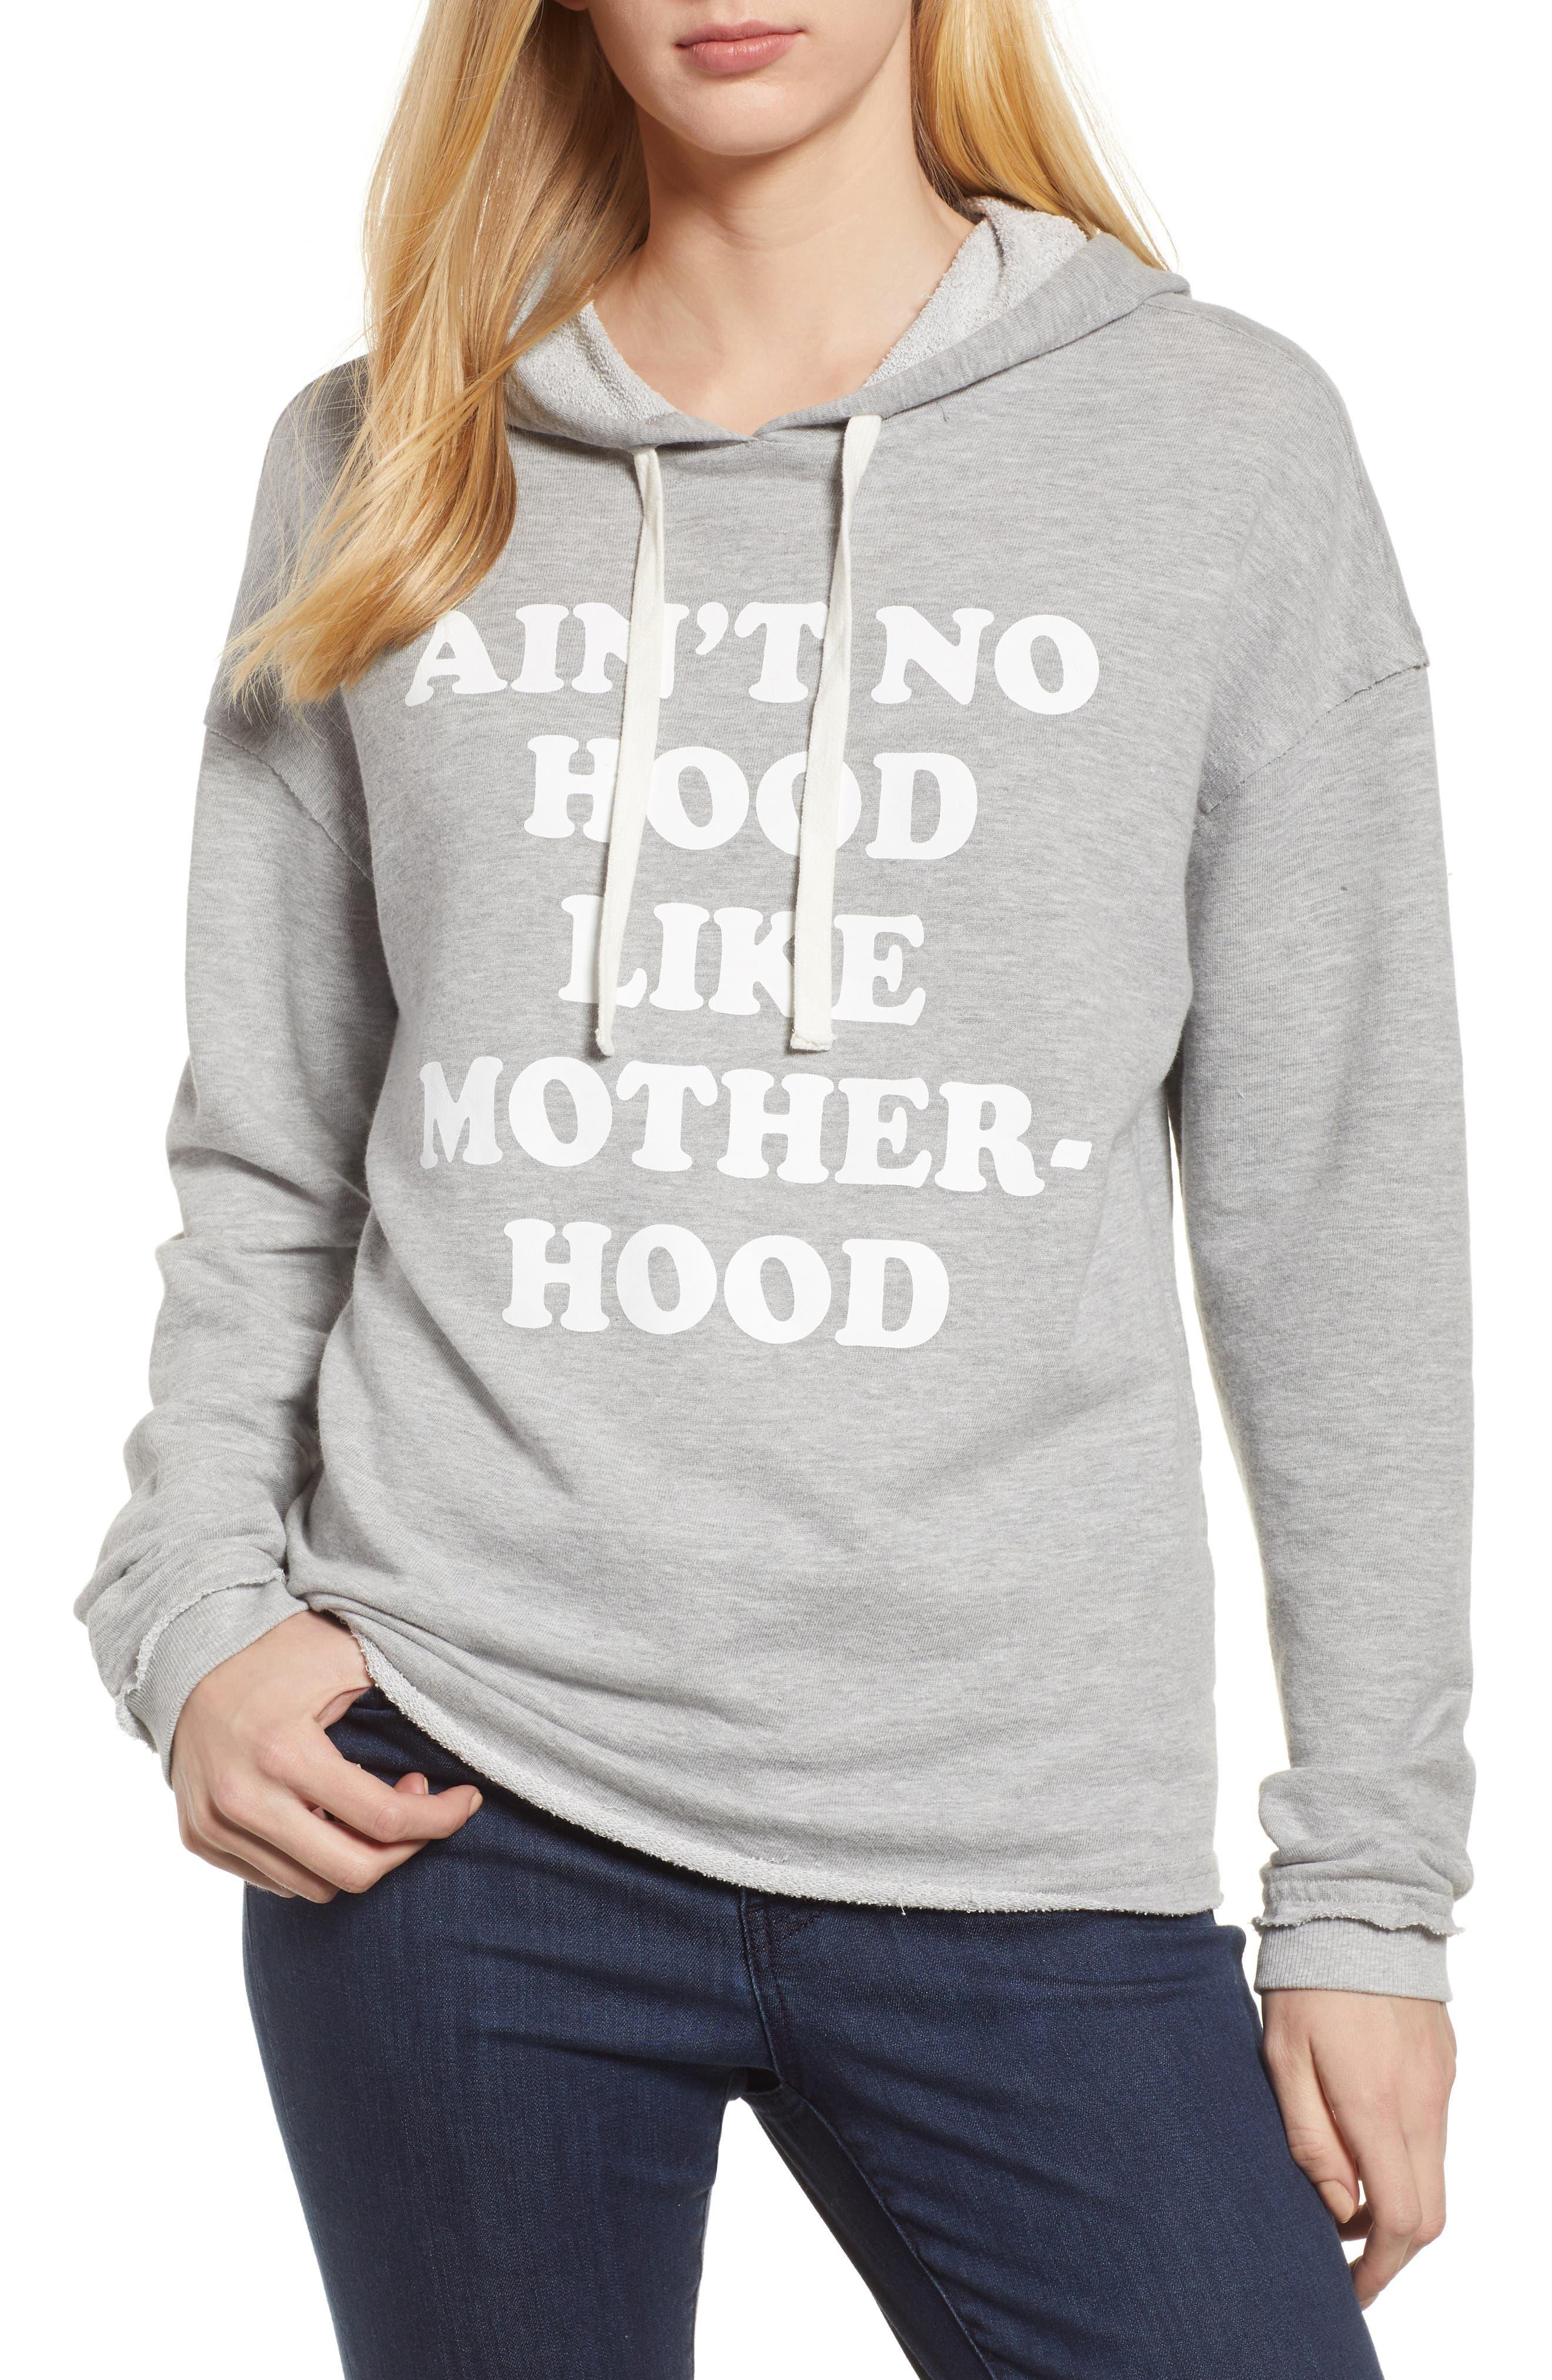 Off Duty Ain't No Hood Like Motherhood Hoodie,                             Main thumbnail 1, color,                             030